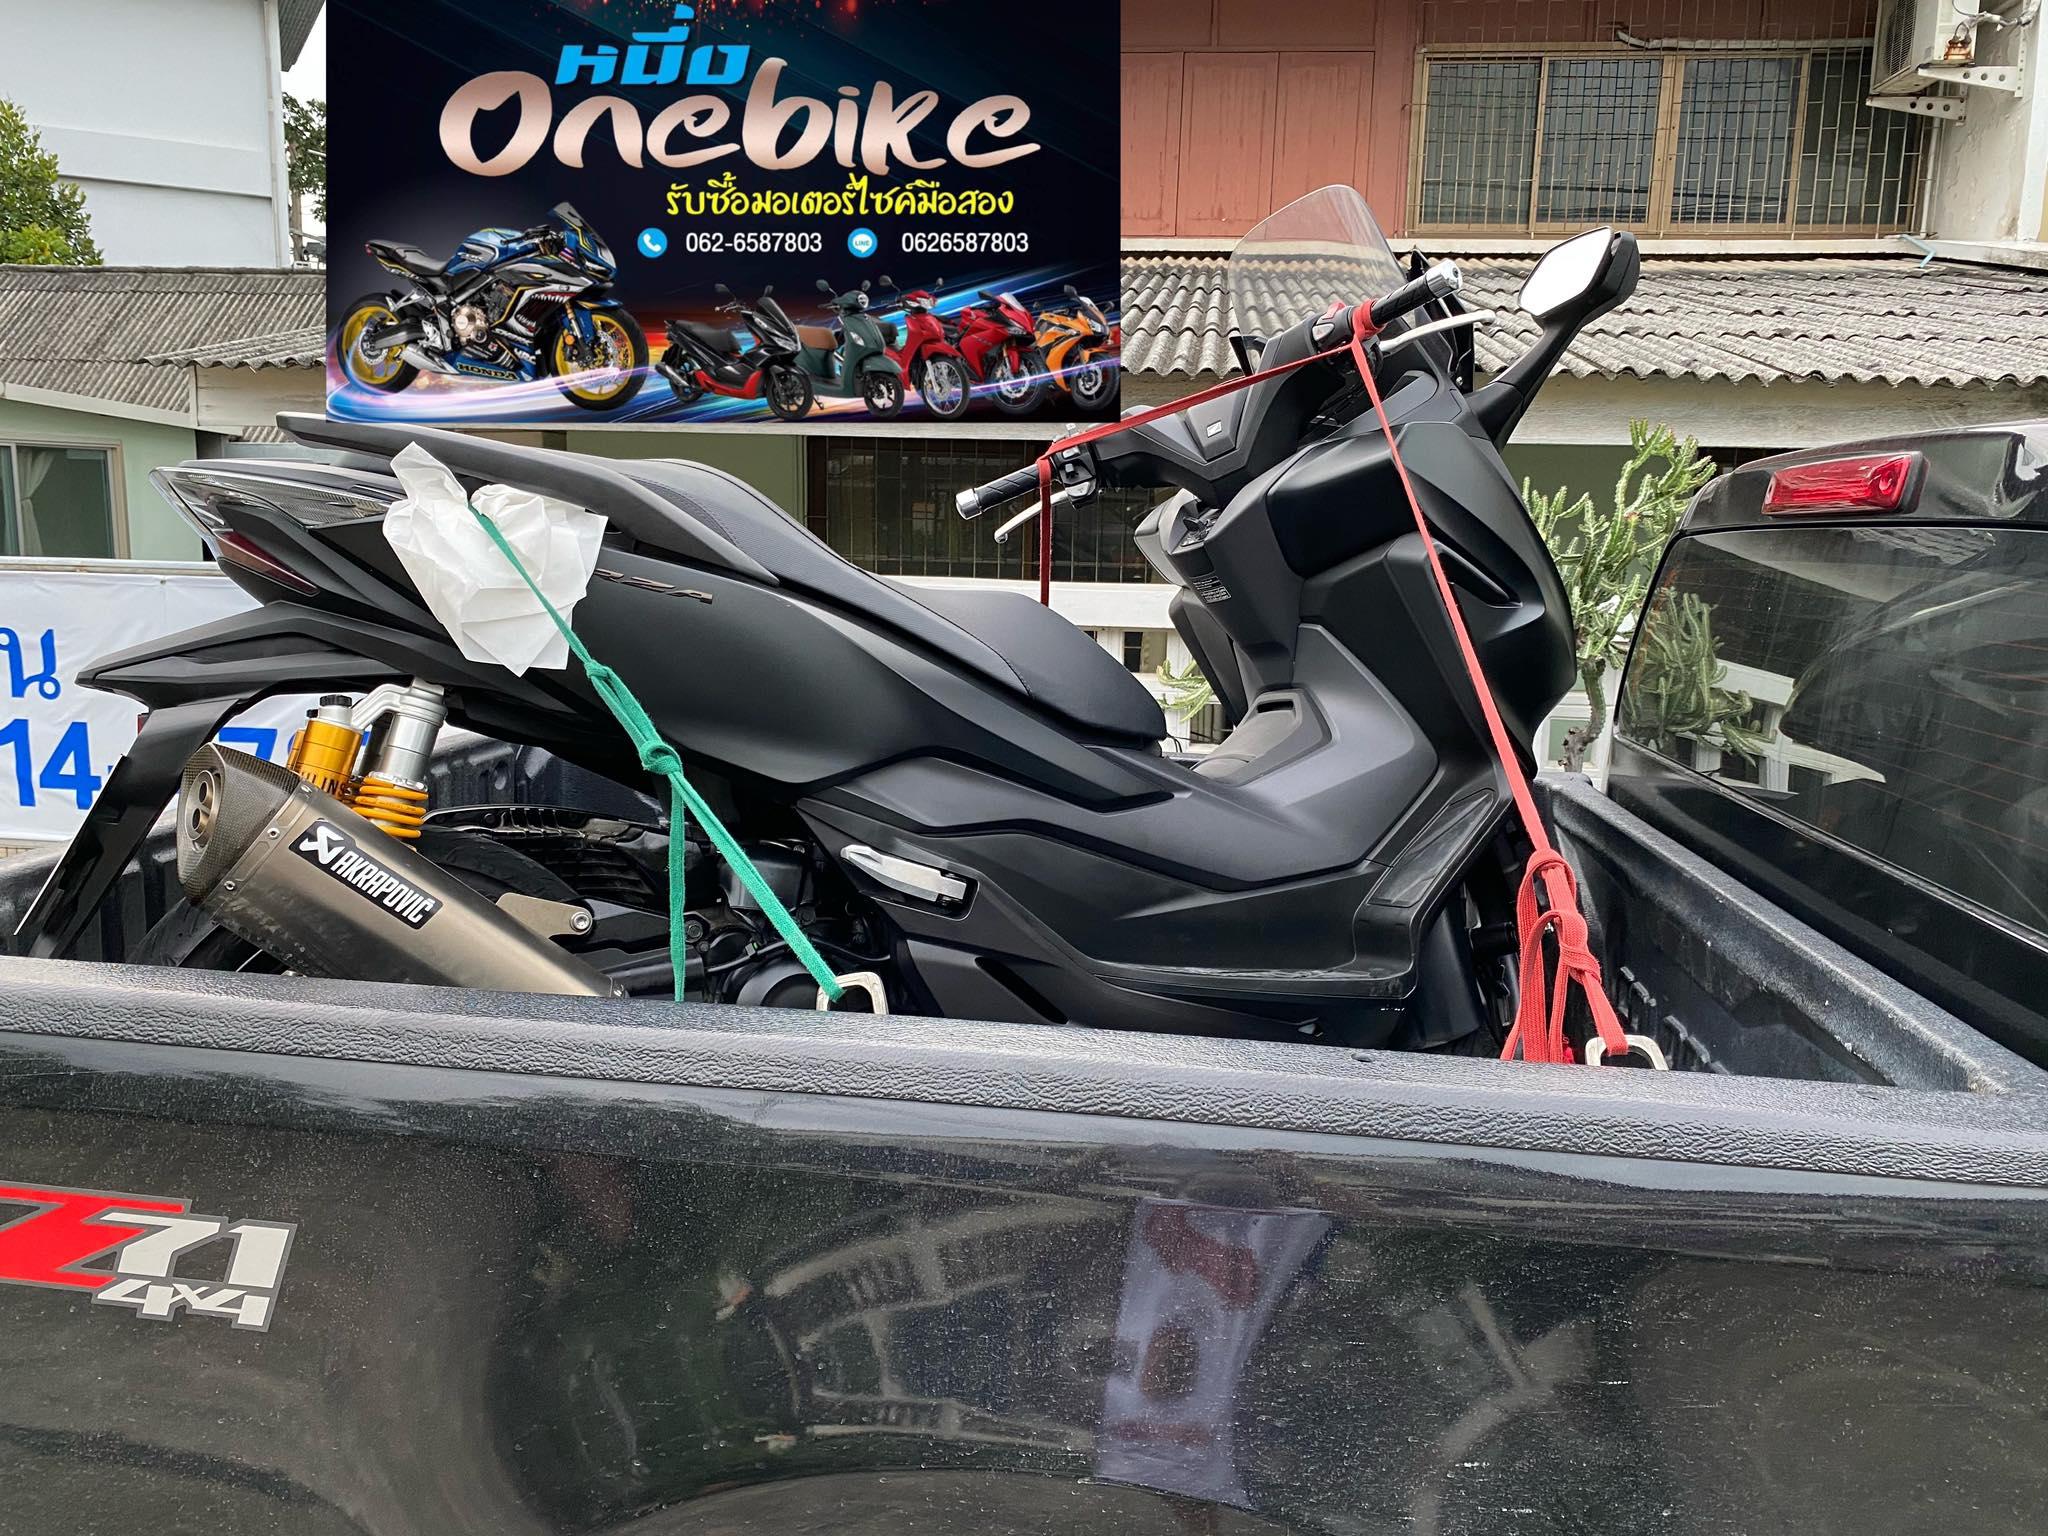 ONEBIKEรับซื้อรถมอเตอร์ไซค์ FORZA300